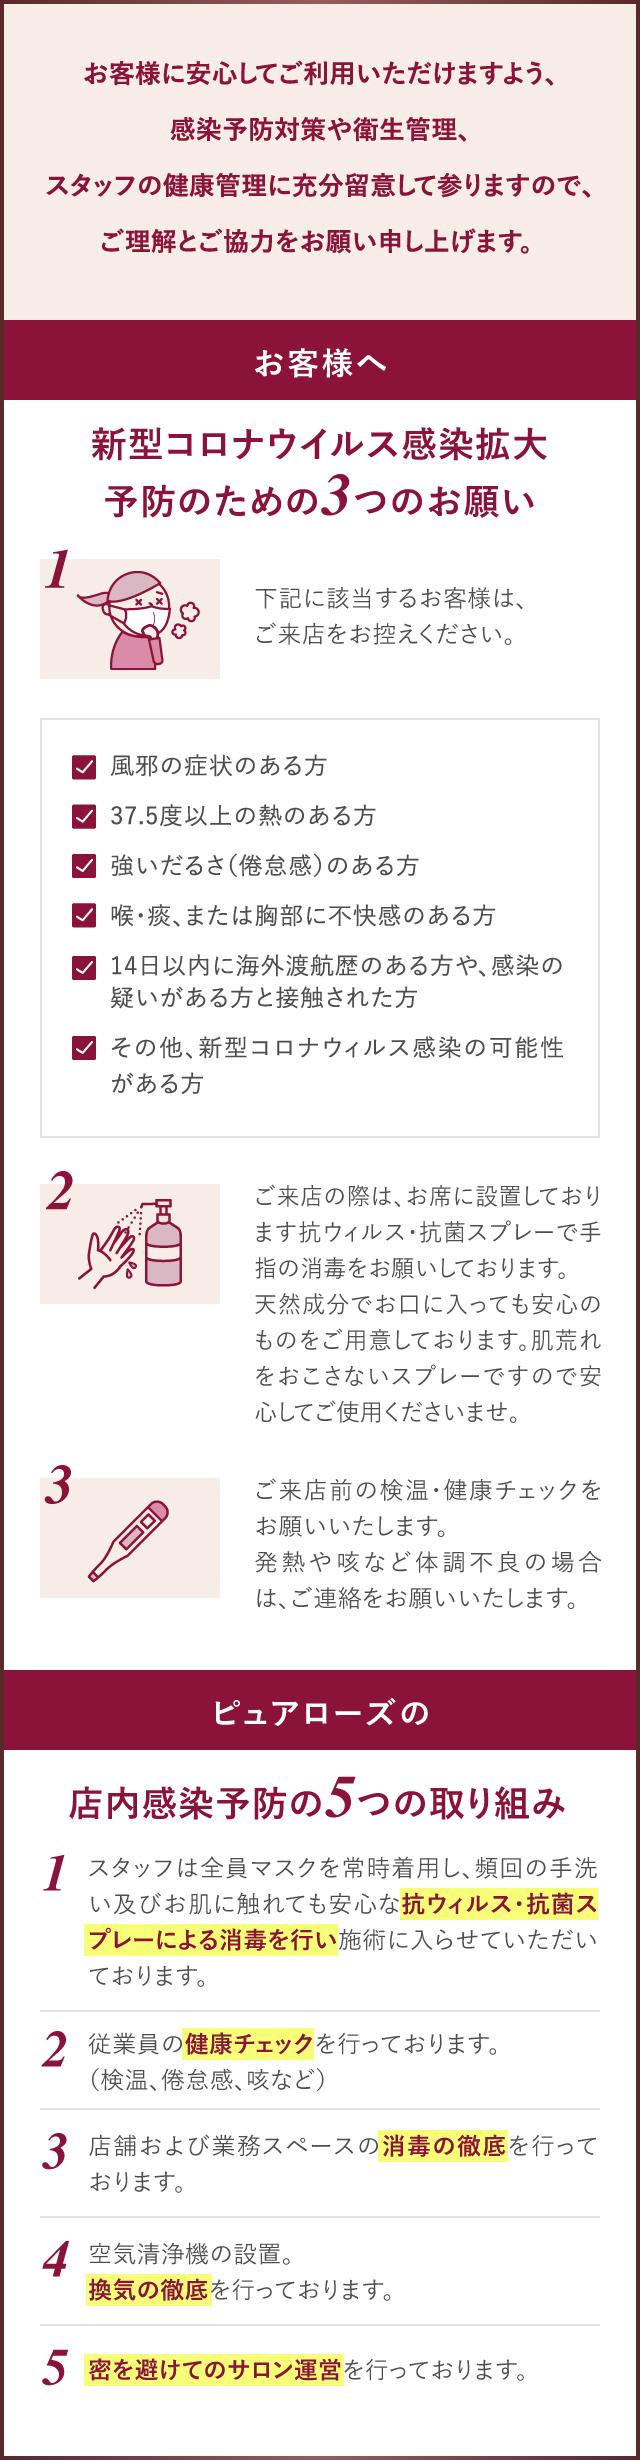 新型コロナウイルス感染拡大予防のための3つのお願い、院内感染予防の4つの取り組み